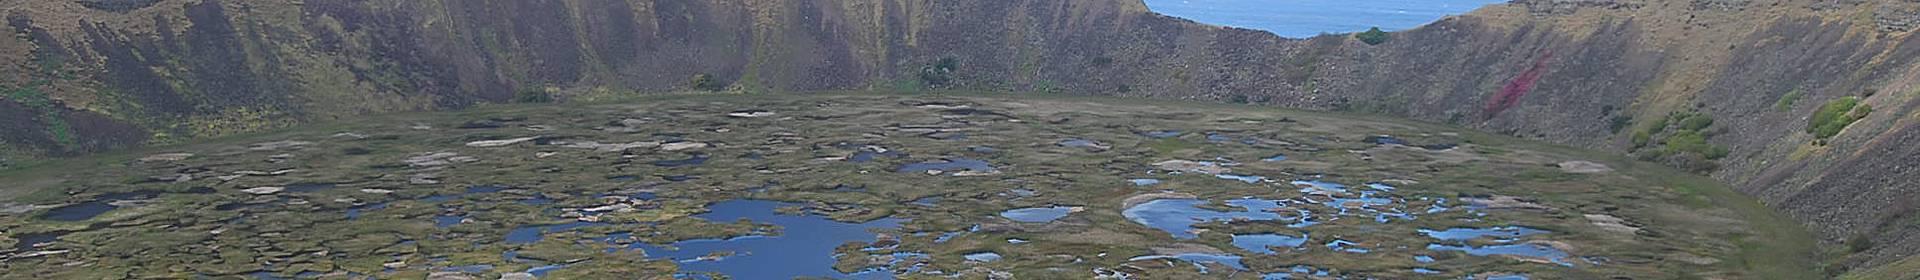 Vulcano Rano Kau